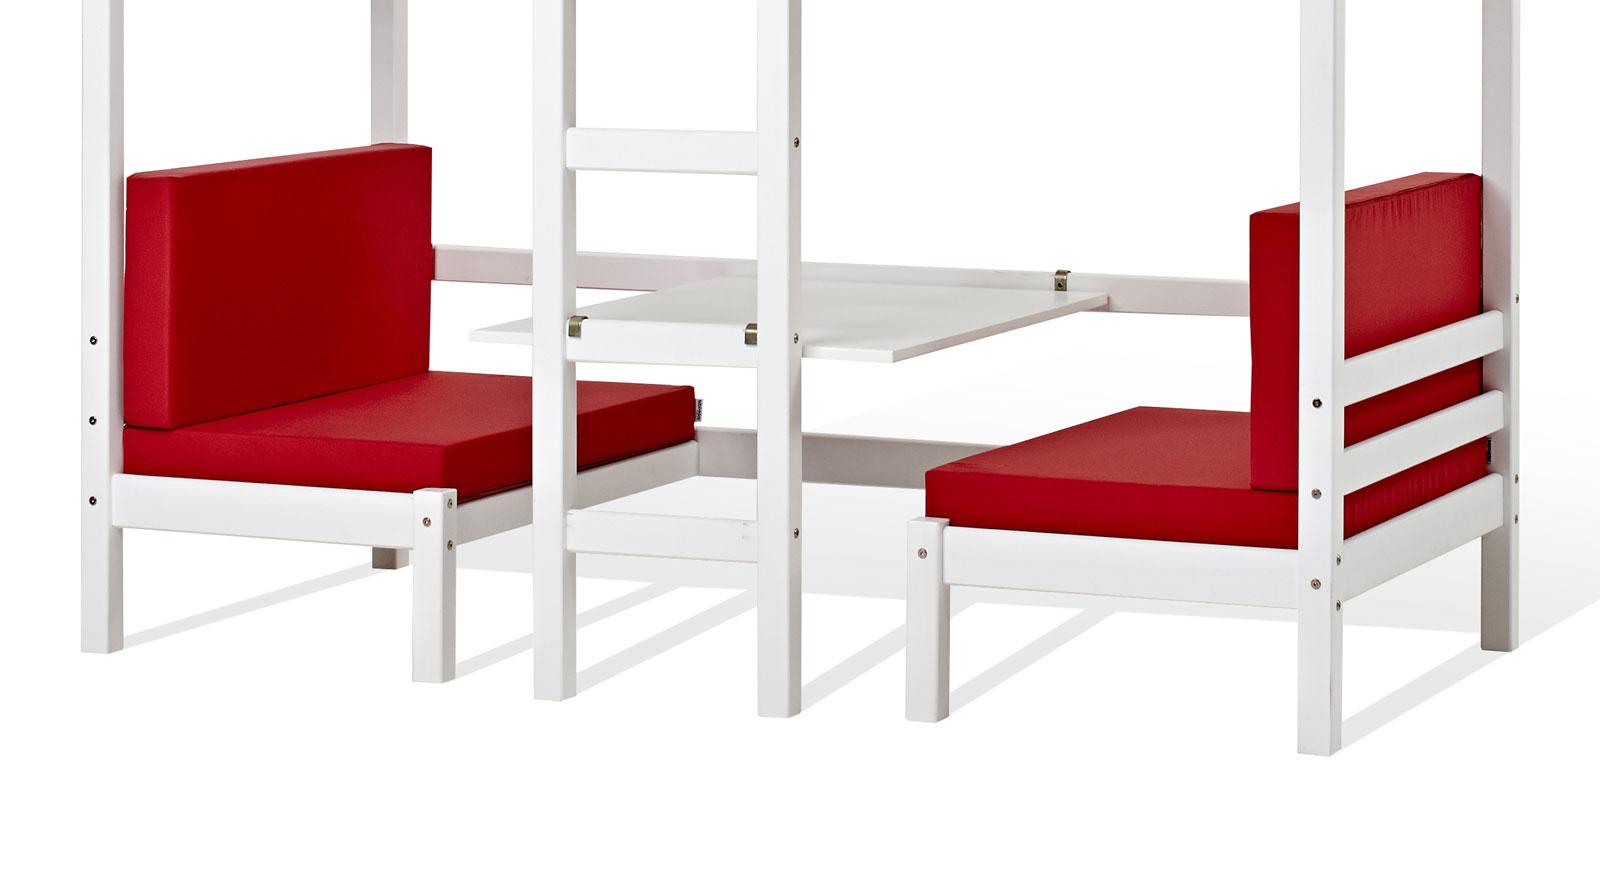 Stabiles Hoch- und Etagenbett Kids Heaven mit praktischer Sitzgruppe